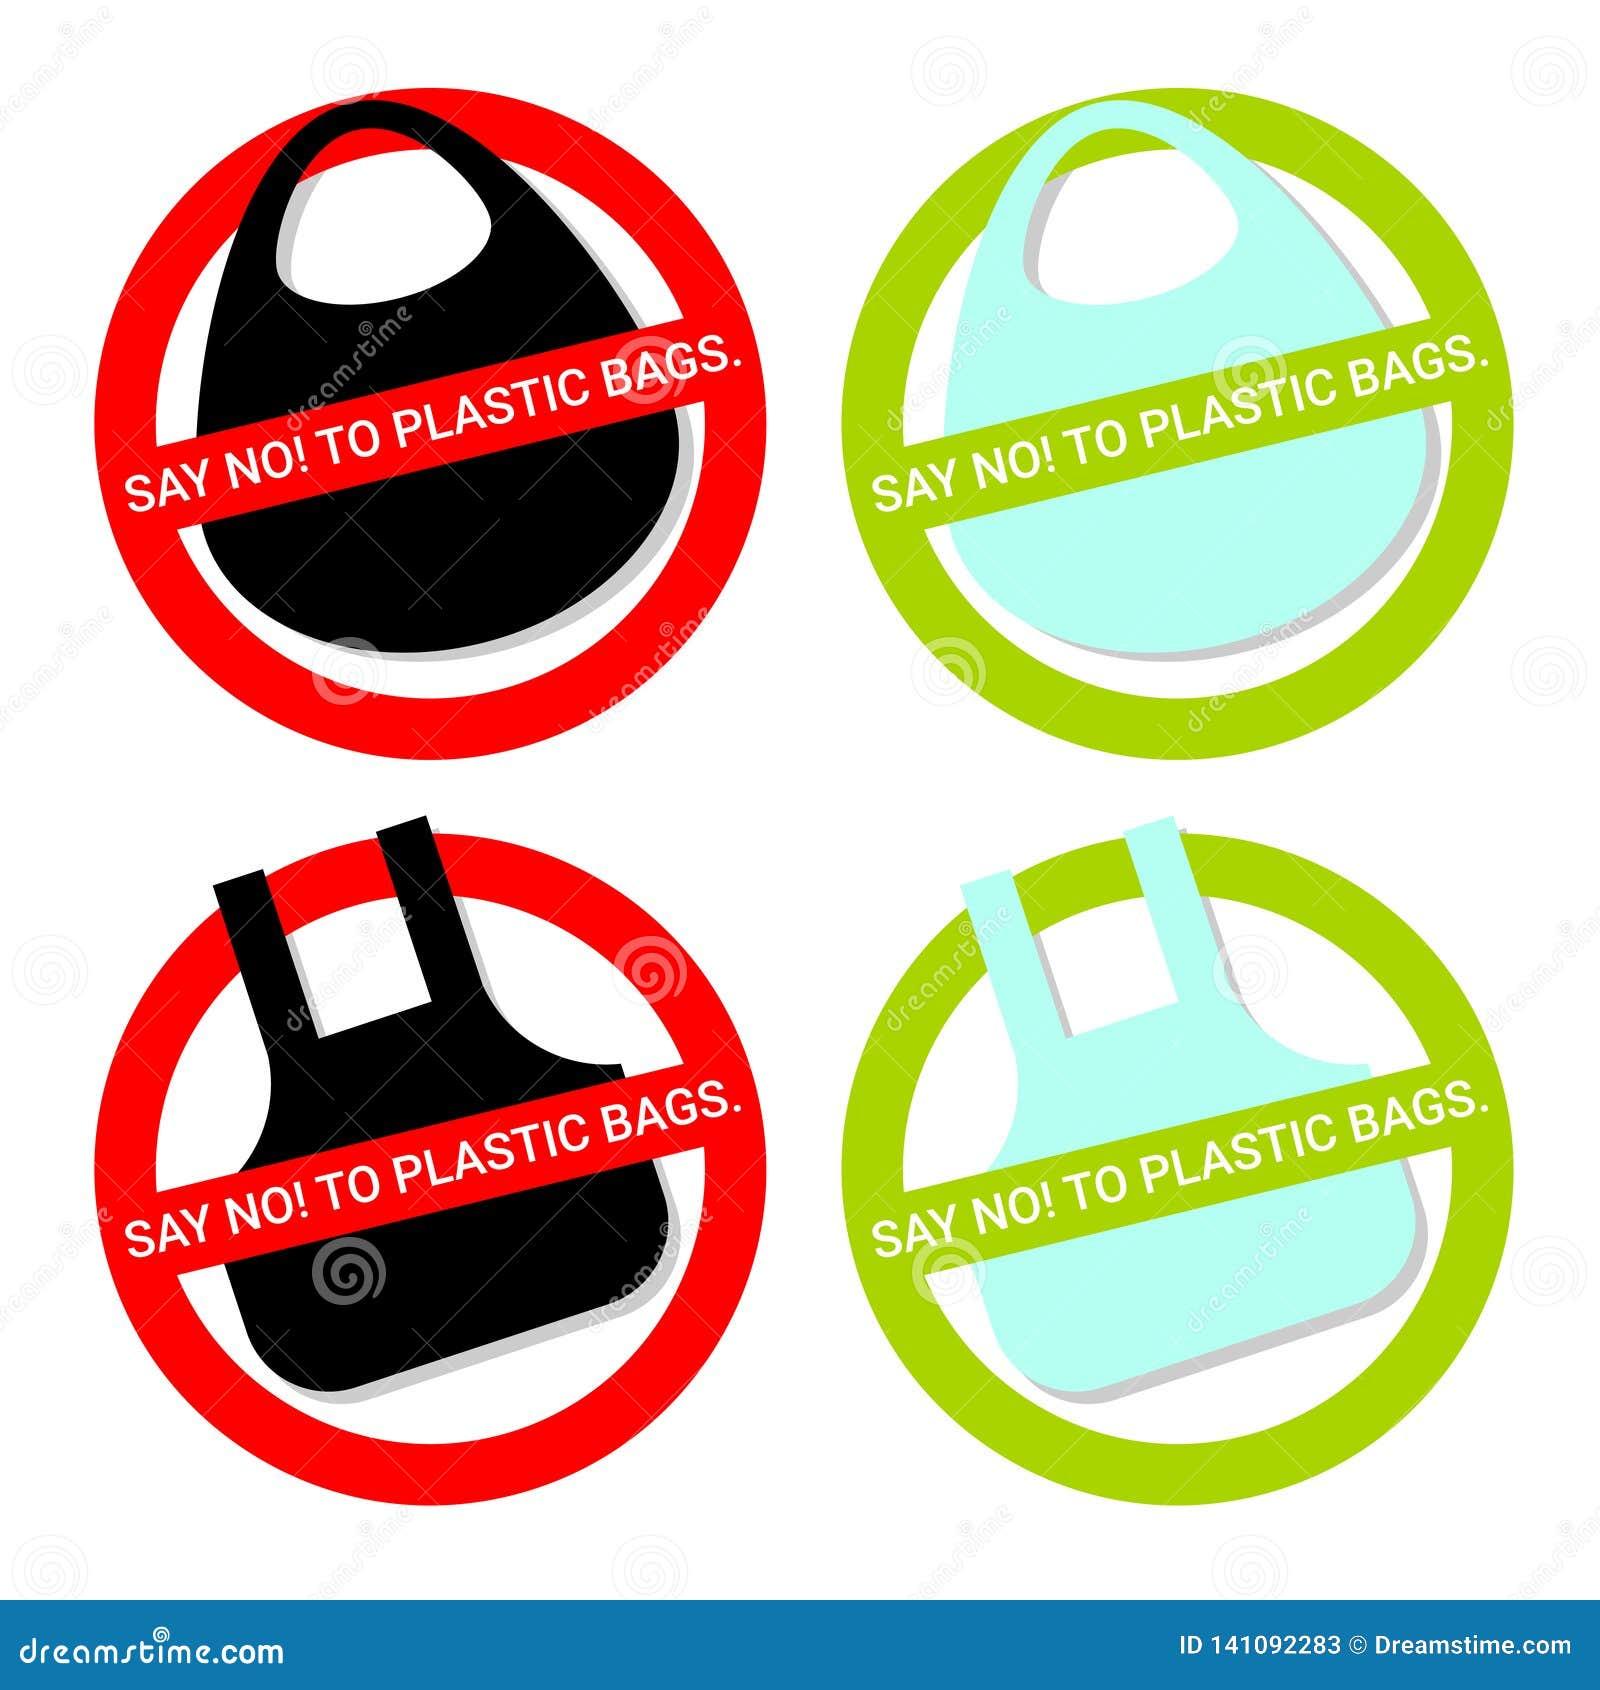 Diga NÃO aos sacos de plástico